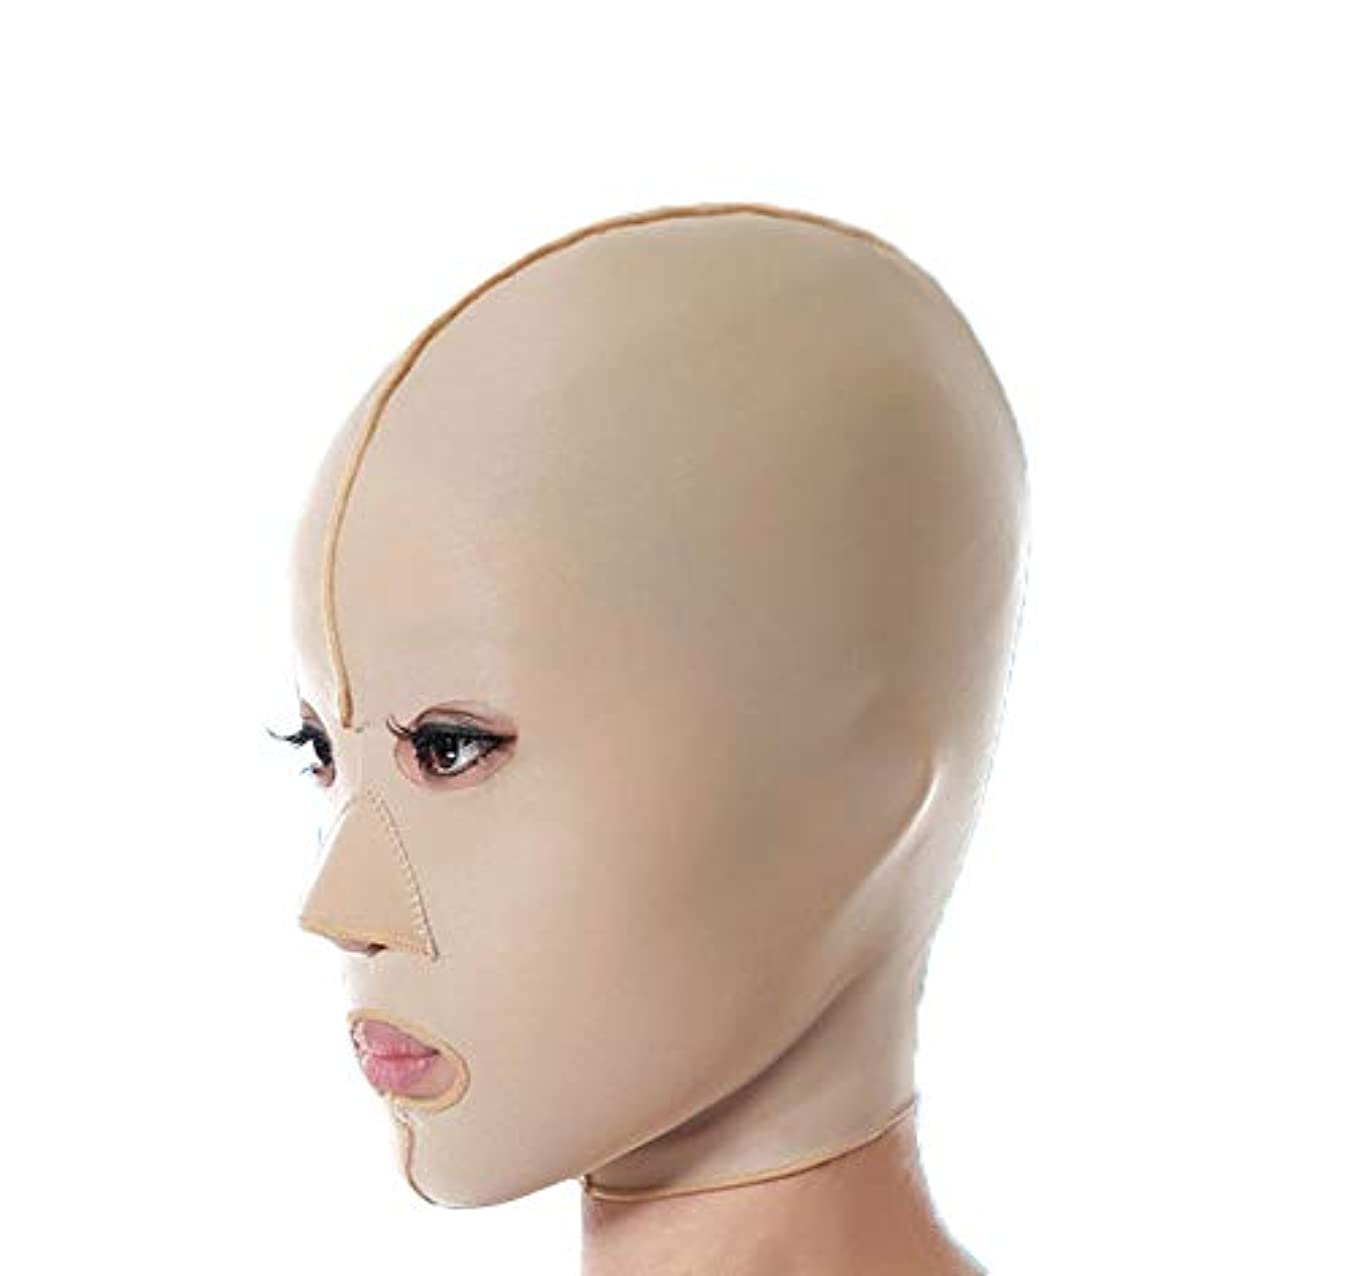 自伝製品米ドルTLMY 引き締めマスクマスク漢方薬強力なマスクアーティファクト美容垂れ防止方法フェイシャルリフティング引き締めフルフェイスマスク 顔用整形マスク (Size : S)